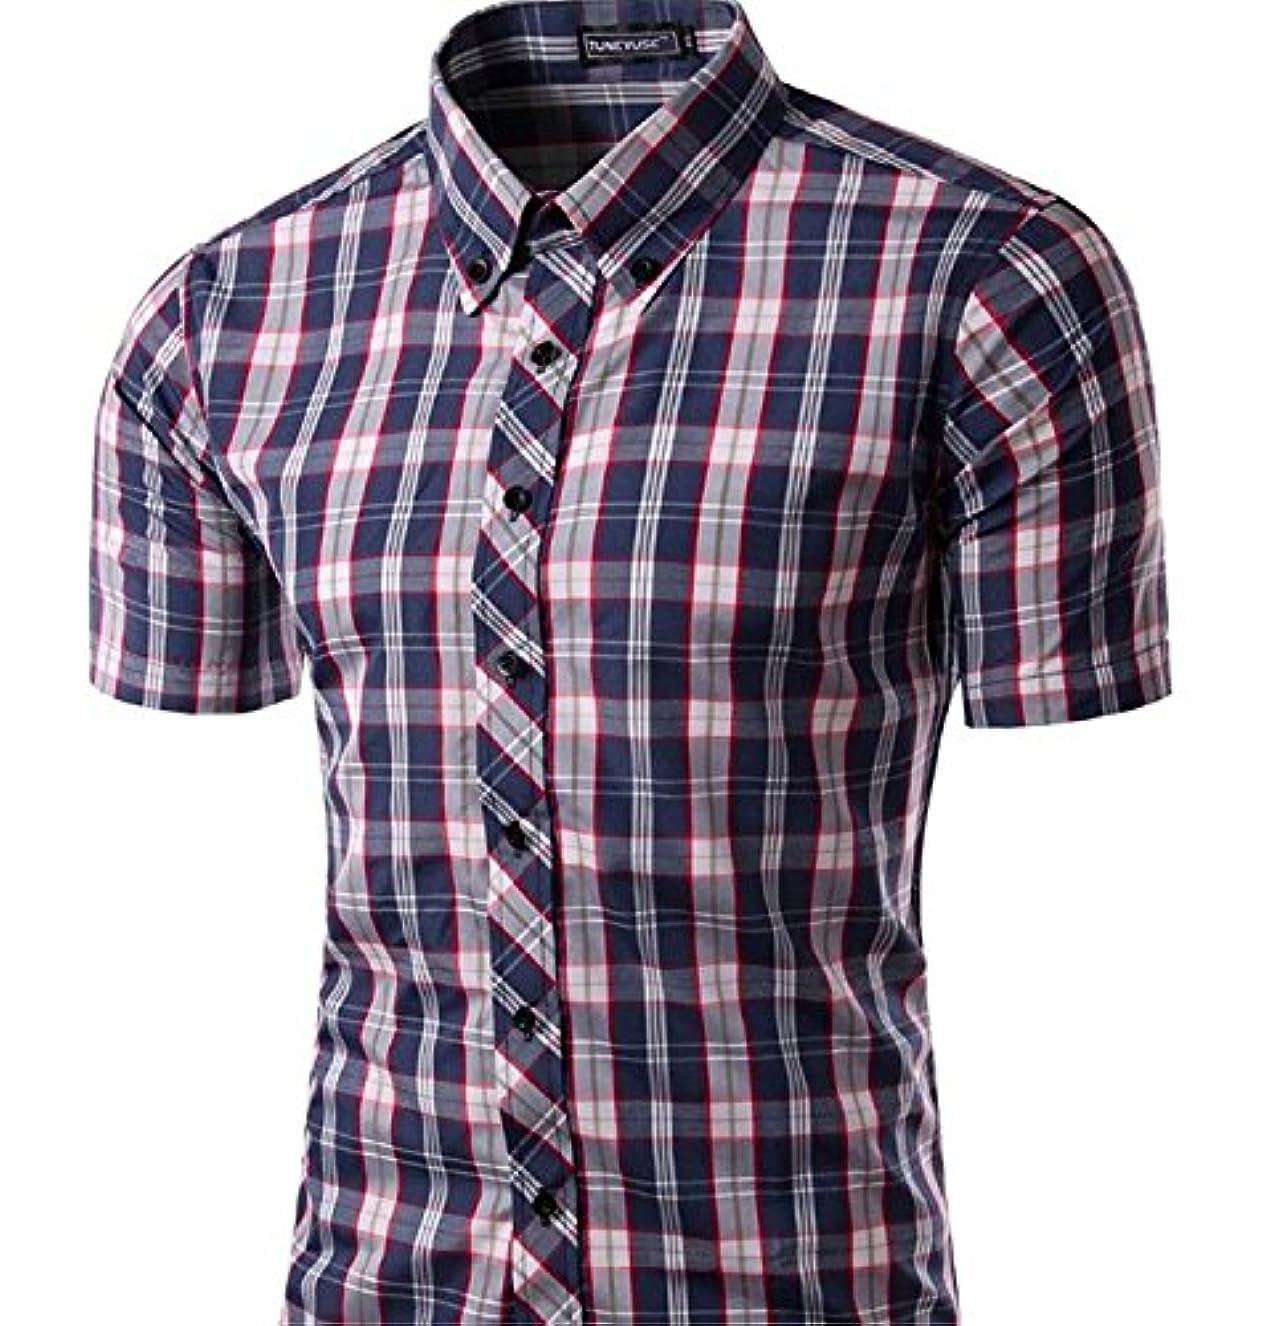 個人役立つ大理石メンズ ボタンダウン チェック柄 シャツ ワイシャツ 半袖 シャツ チェックシャツ カジュアル 格子柄 大きいサイズ ブロード100% おしゃれ インナーシャツ トップス 形態安定 スリム 紳士服 ビジネス シャツ 2グリーン